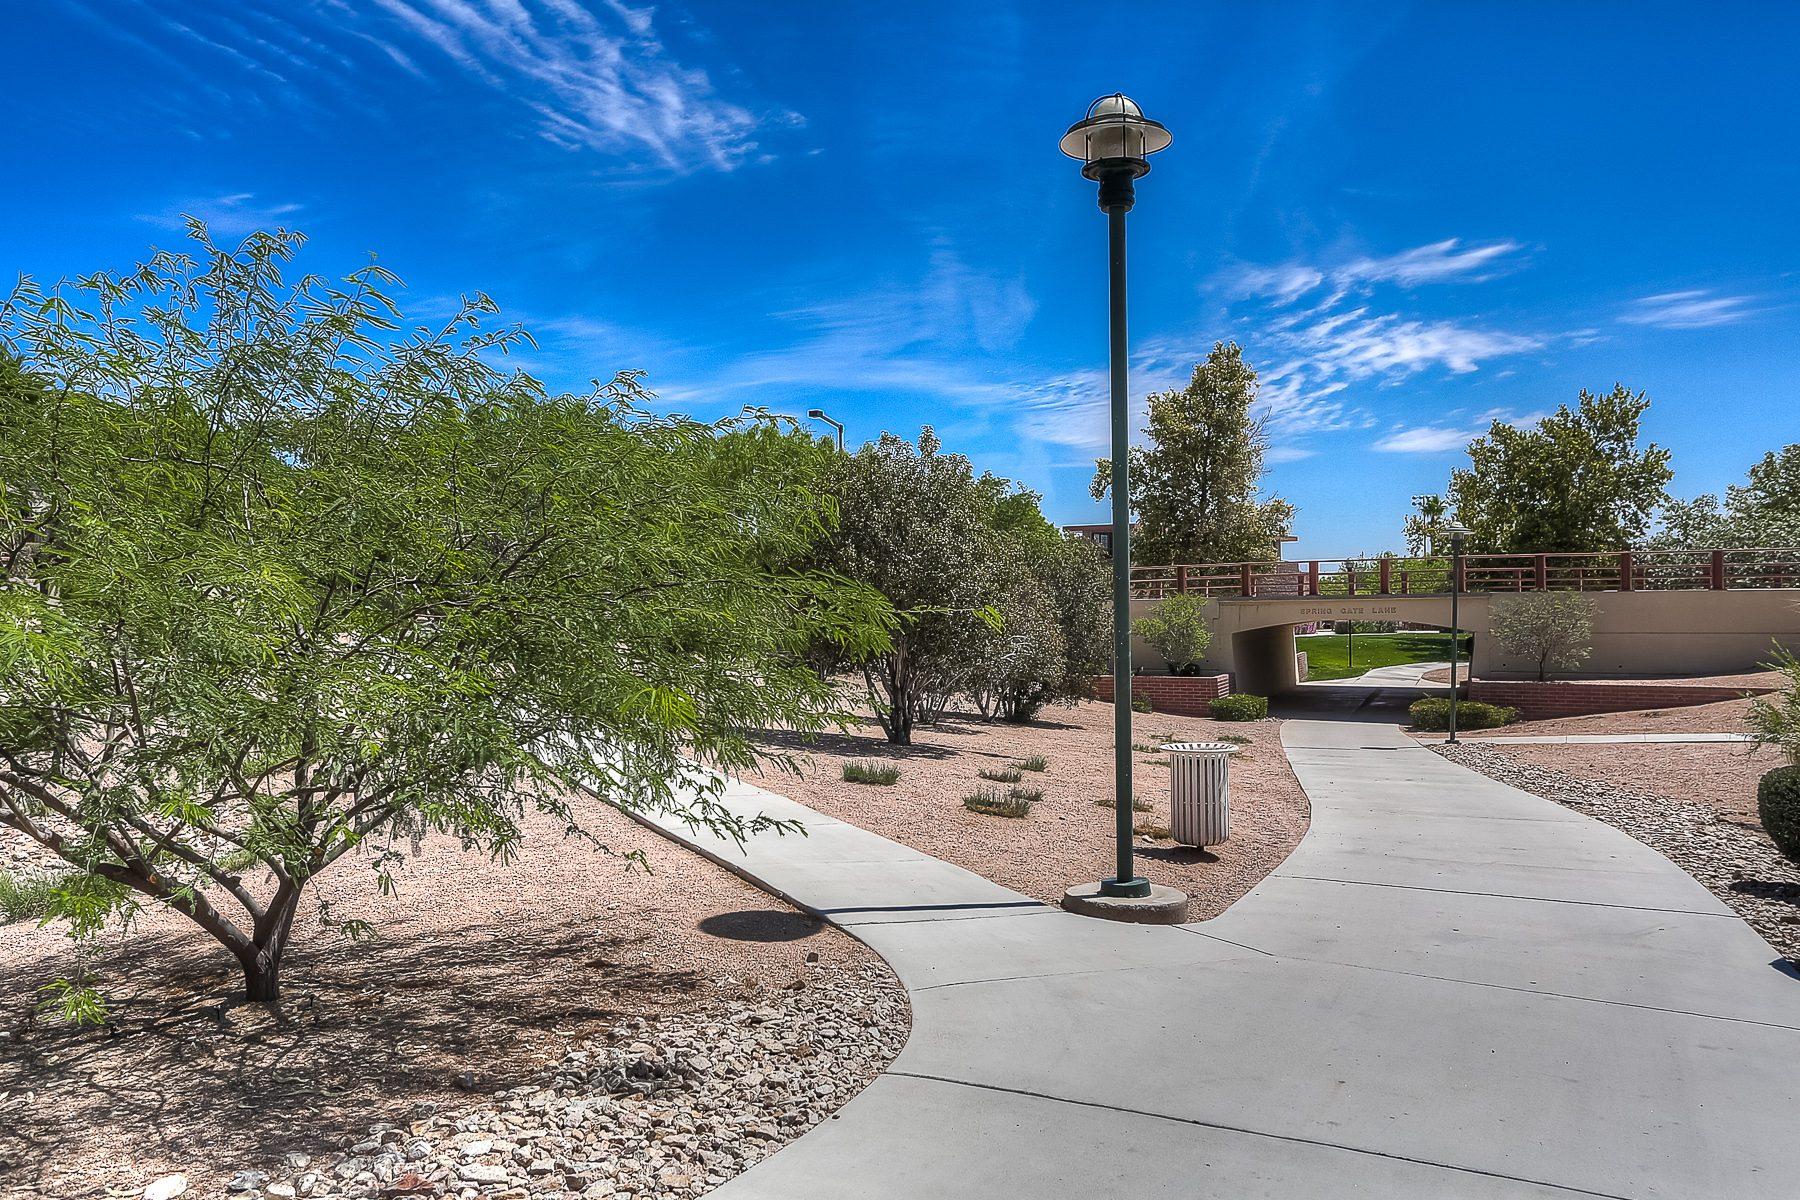 01 summerlin community parks